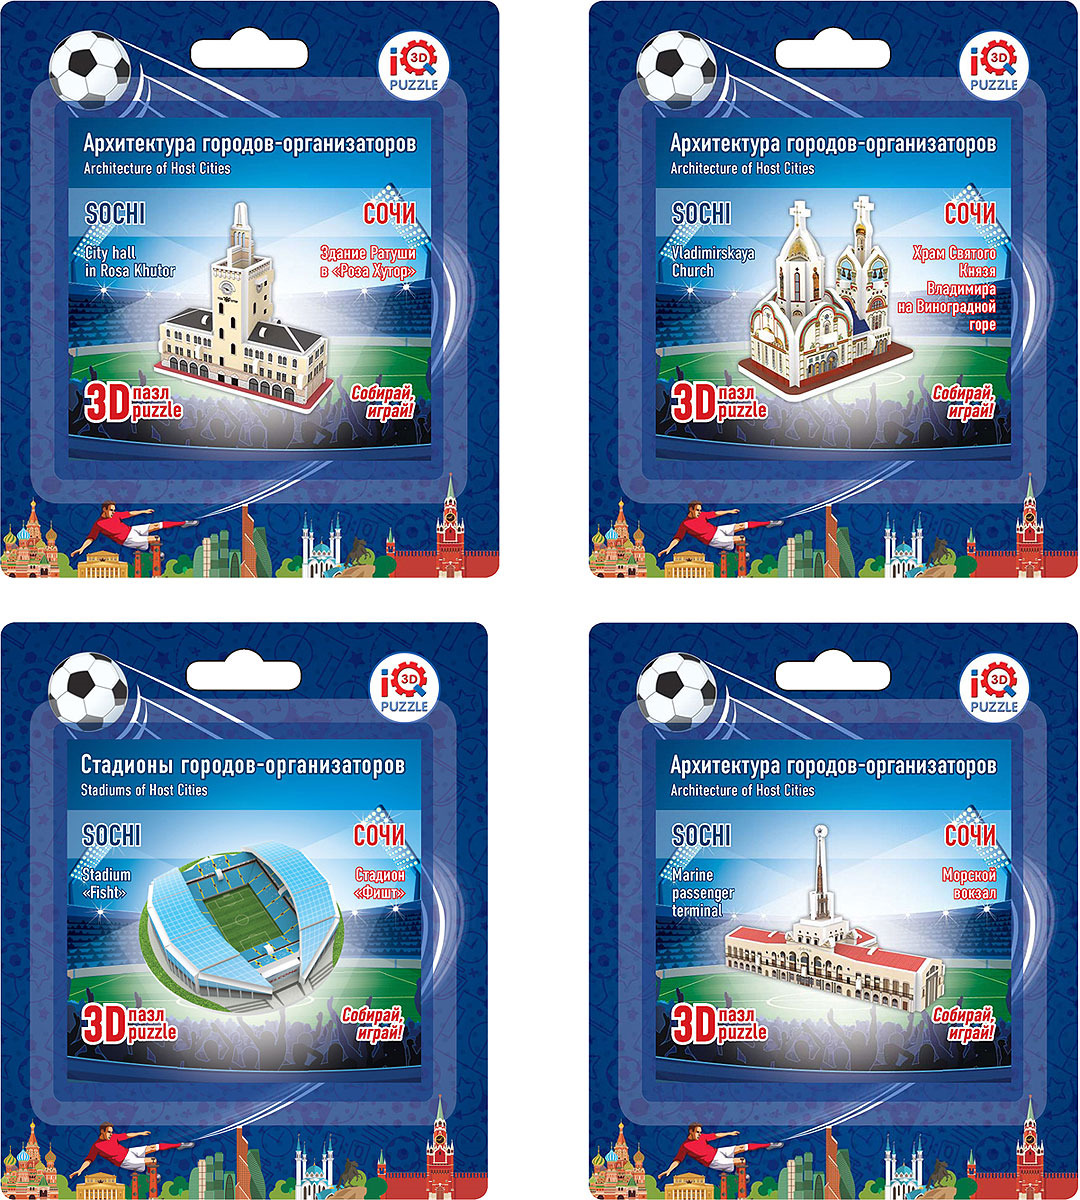 Набор 3D Пазлов IQ 3D Puzzle Сочи, архитектура + стадион, 4 шт iq 3d puzzle 3d пазл сиднейский оперный театр